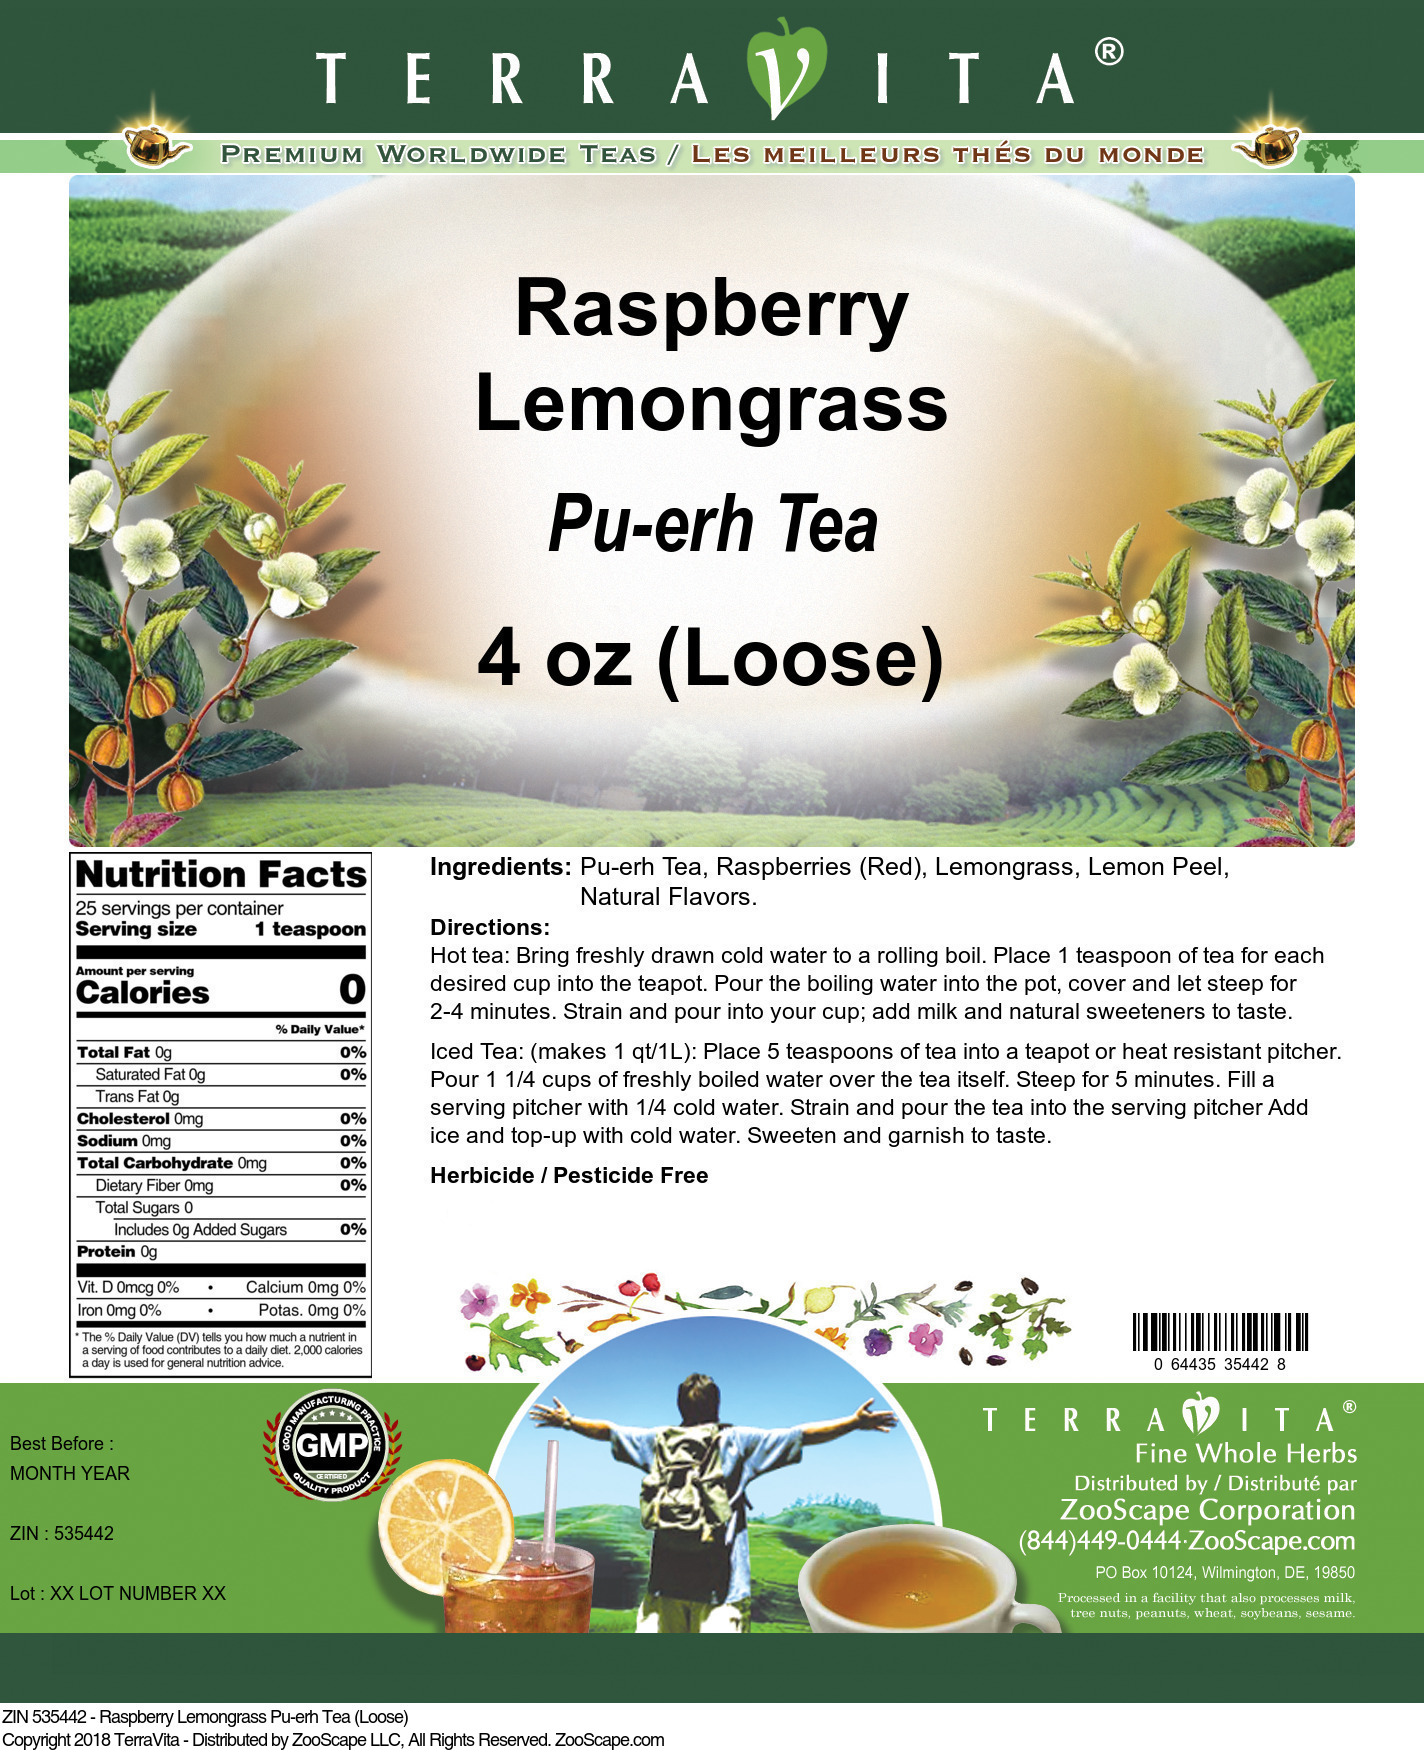 Raspberry Lemongrass Pu-erh Tea